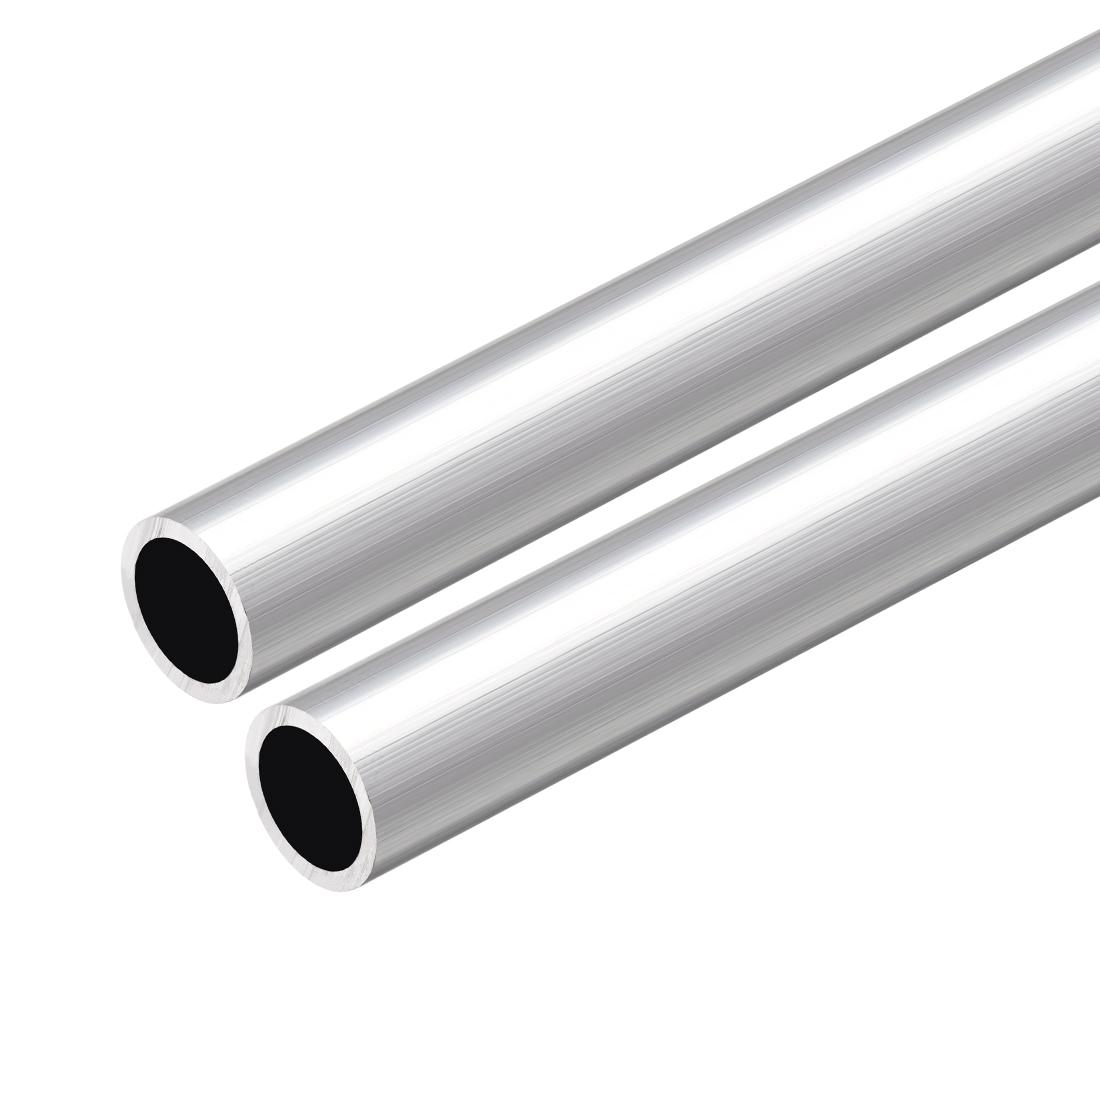 6063 Aluminum Round Tube 300mm Length 14mm OD 11mm Inner Dia Seamless Tube 2 Pcs